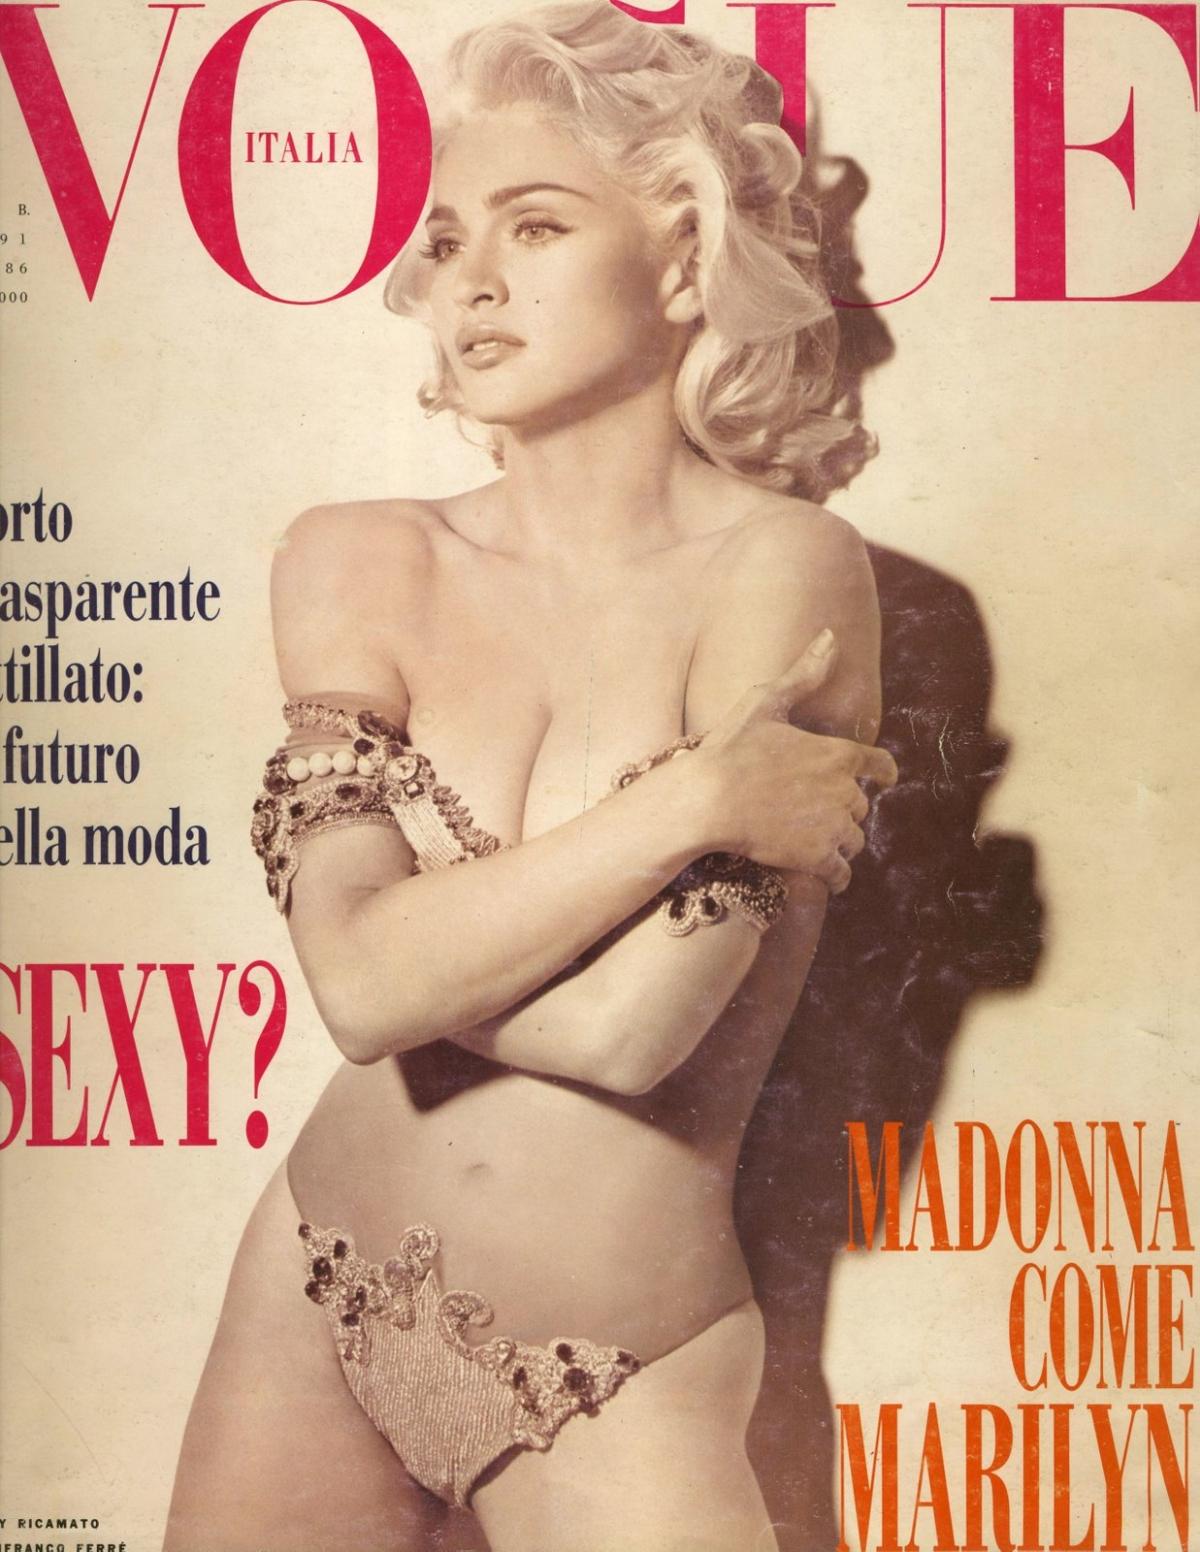 Madonna Vogue Cover